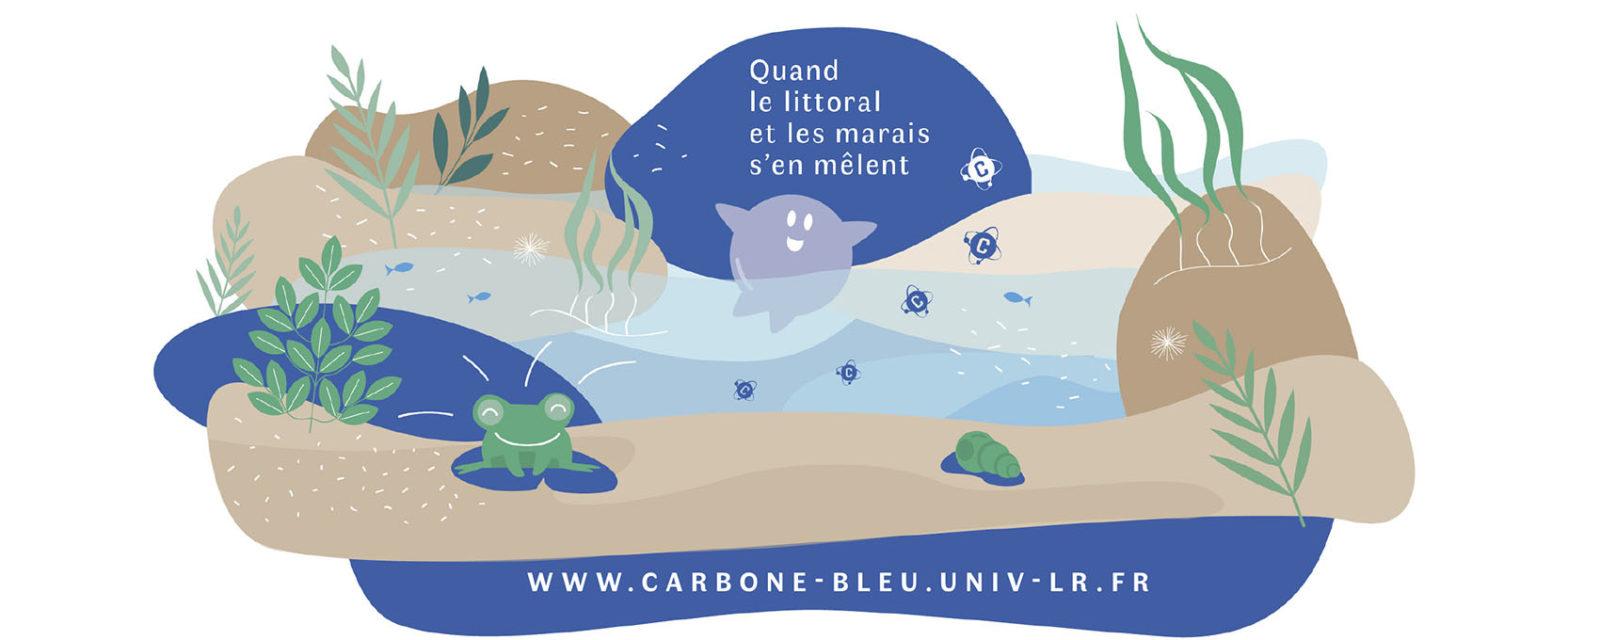 Carbone bleu, quand le littoral et les marais s'en mêlent 1